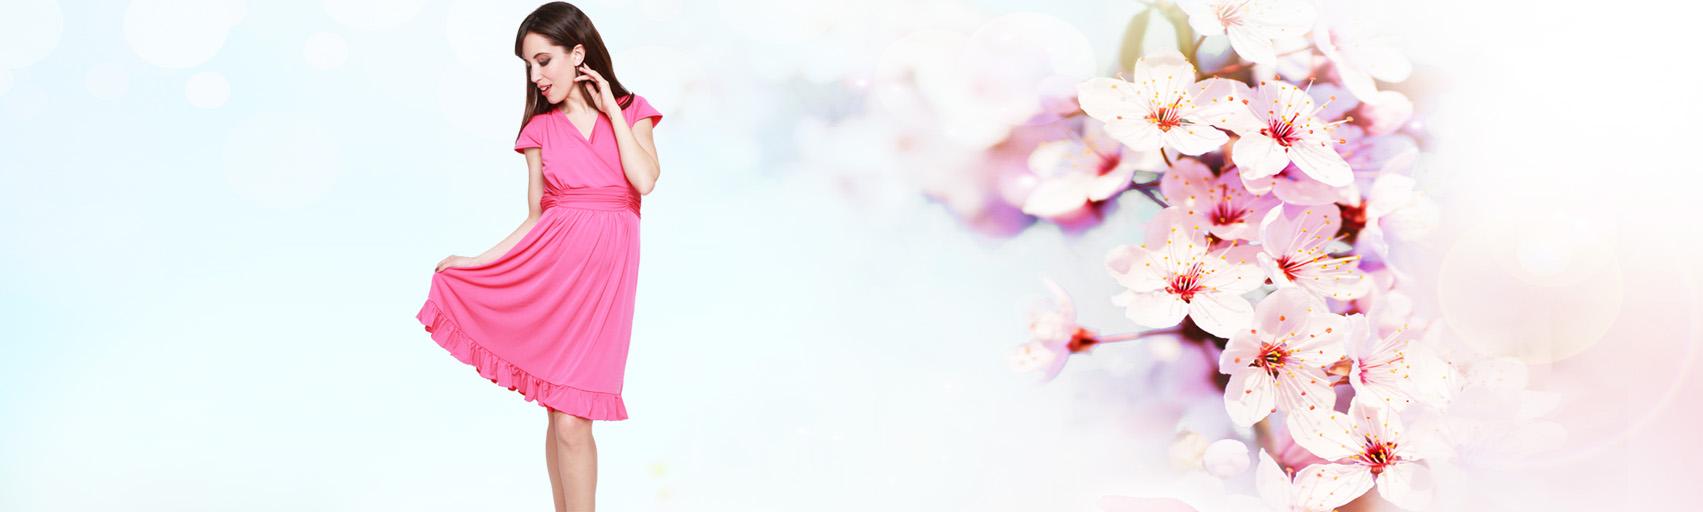 peach_blossom_copy_finale